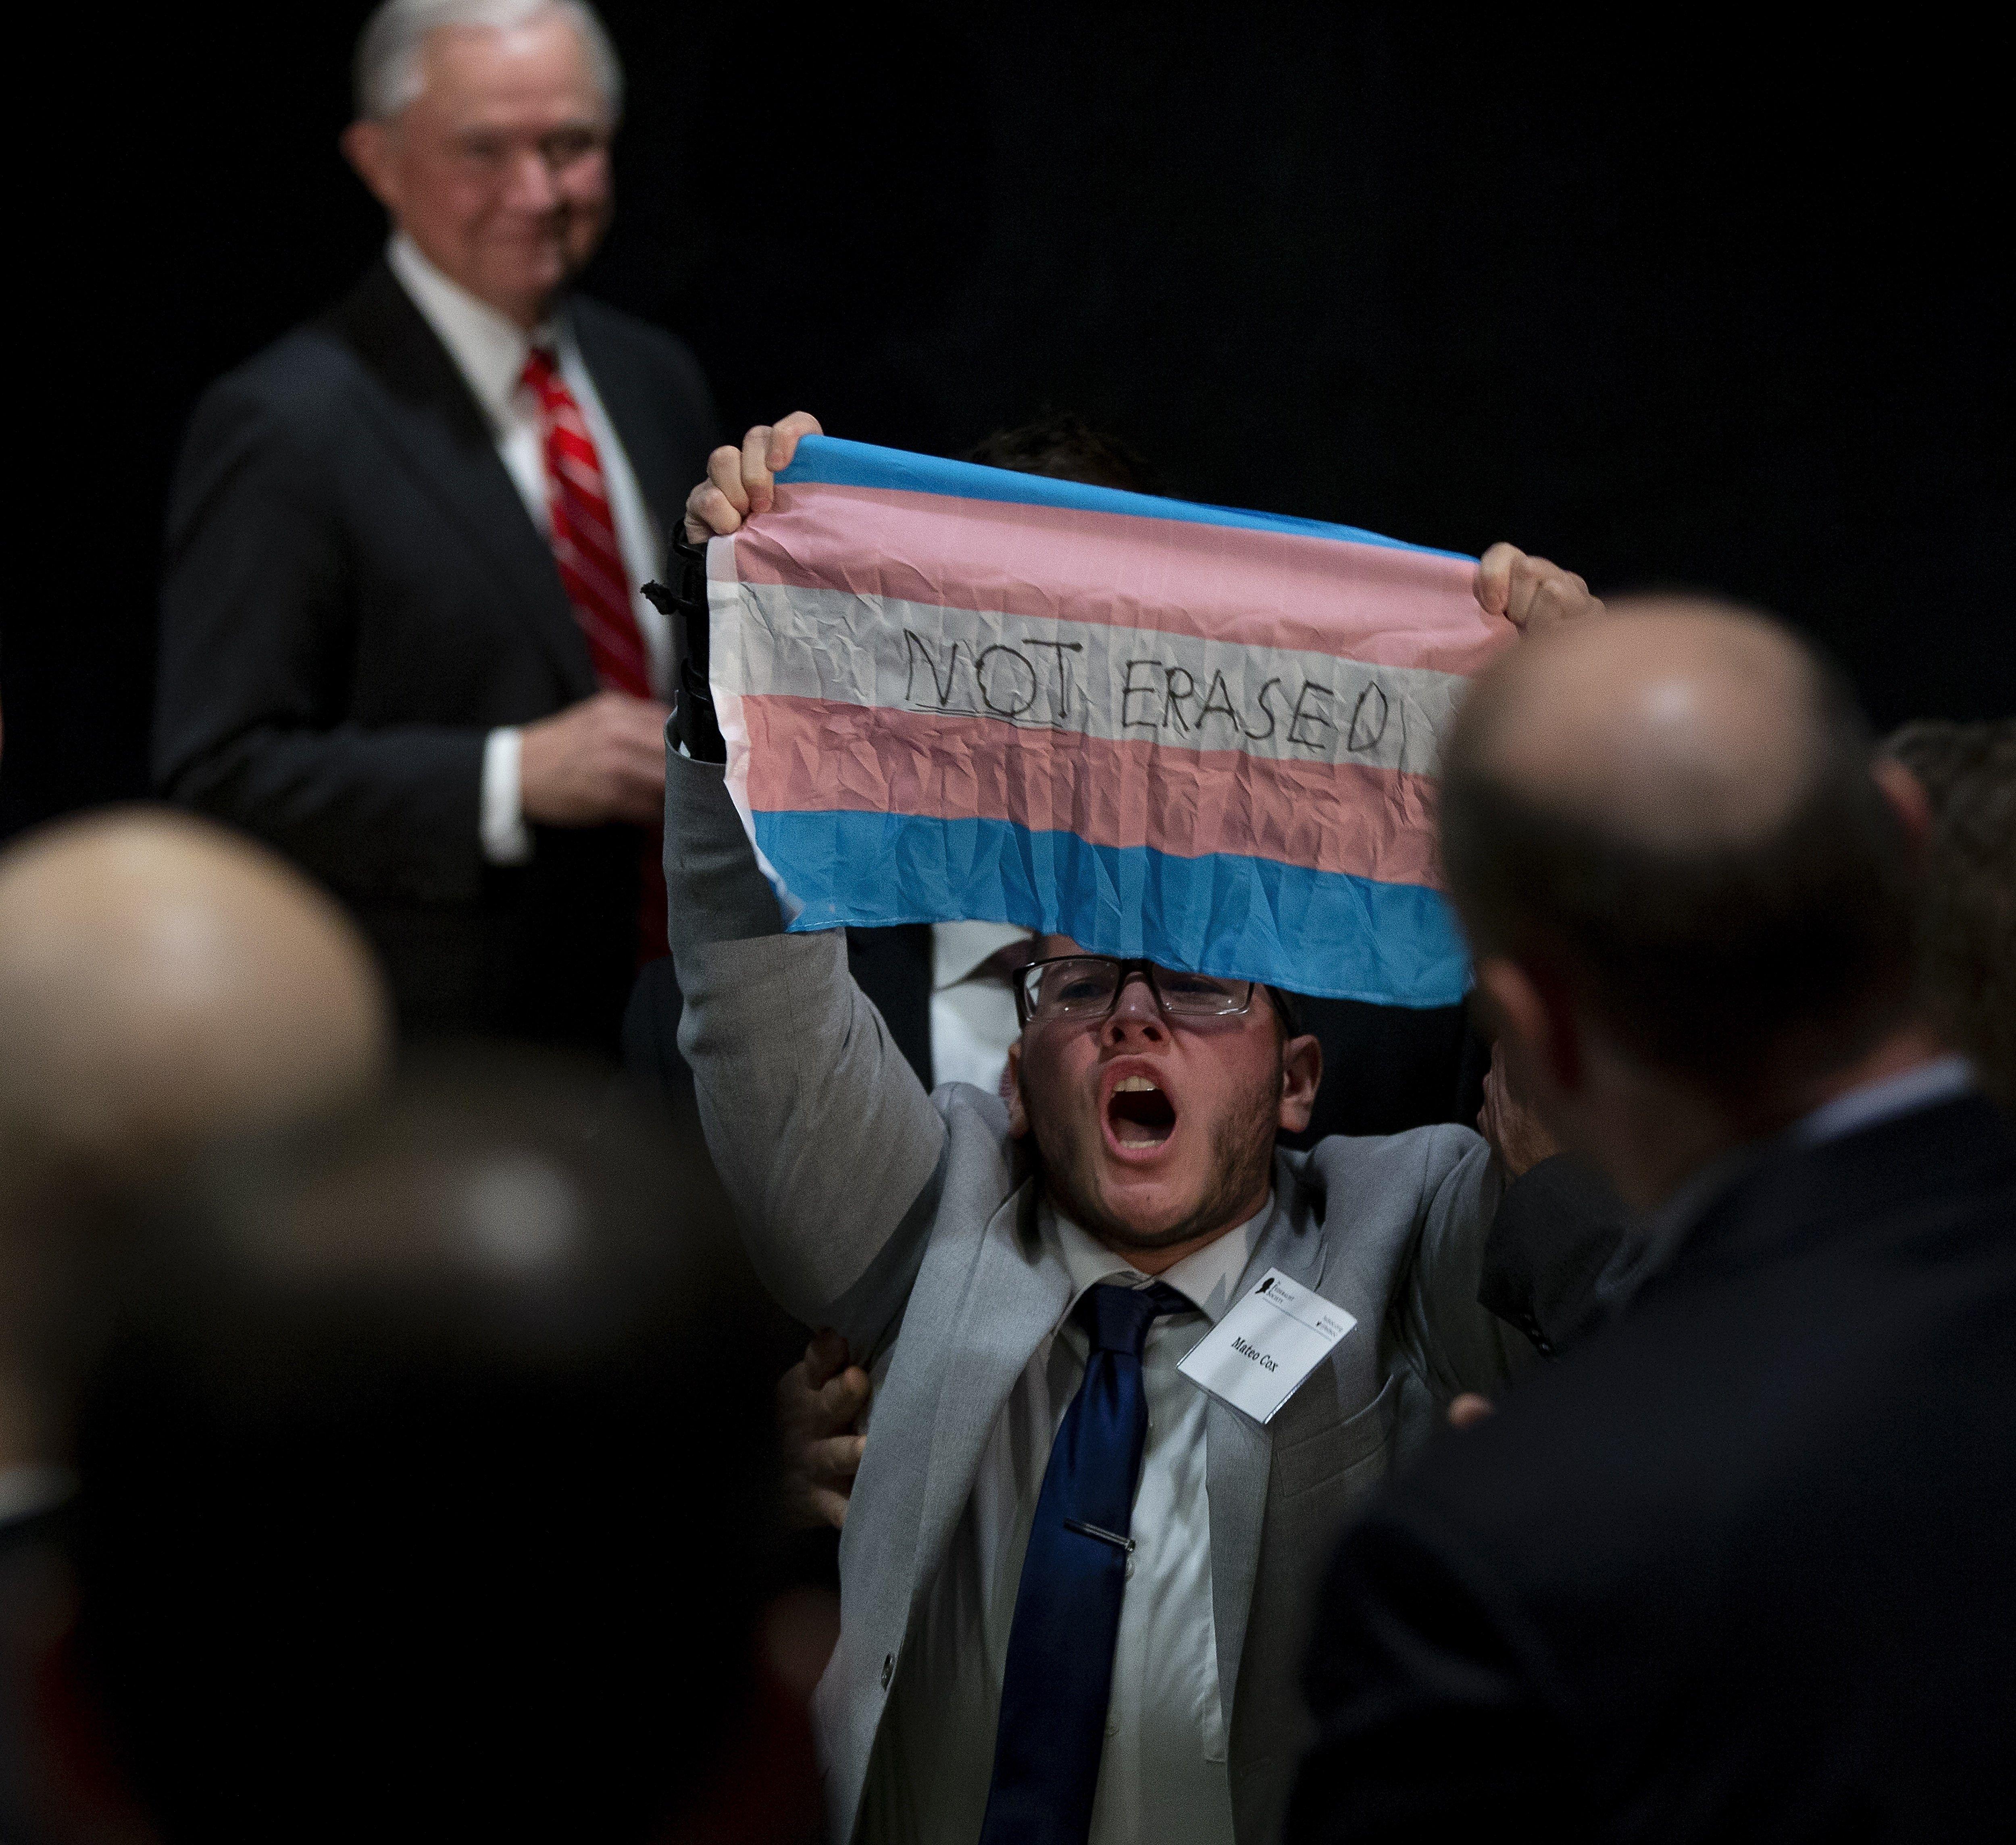 CJX13. BOSTON (ESTADOS UNIDOS), 29/10/2018.- Un manifestante muestra la bandera del orgullo transgénero durante un discurso del fiscal general estadounidense, Jeff Sessions (i), en un acto sobre la libertad religiosa en Boston (Estados Unidos) hoy, 29 de octubre del 2018. El Gobierno de Estados Unidos anunció hoy nuevos esfuerzos para combatir los crímenes de odio en el país después de la matanza en una sinagoga el pasado sábado, en la que once personas fueron asesinadas. EFE/ Cj Gunther